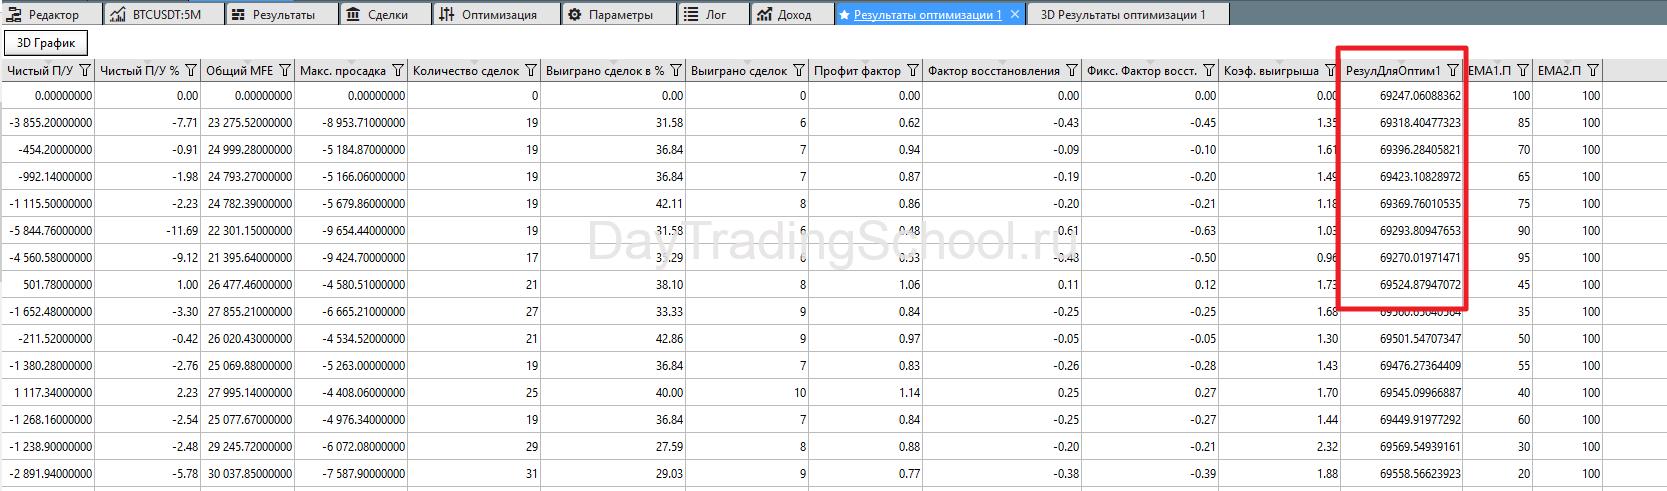 Результаты-оптимизации-вкладка-ТСЛаб